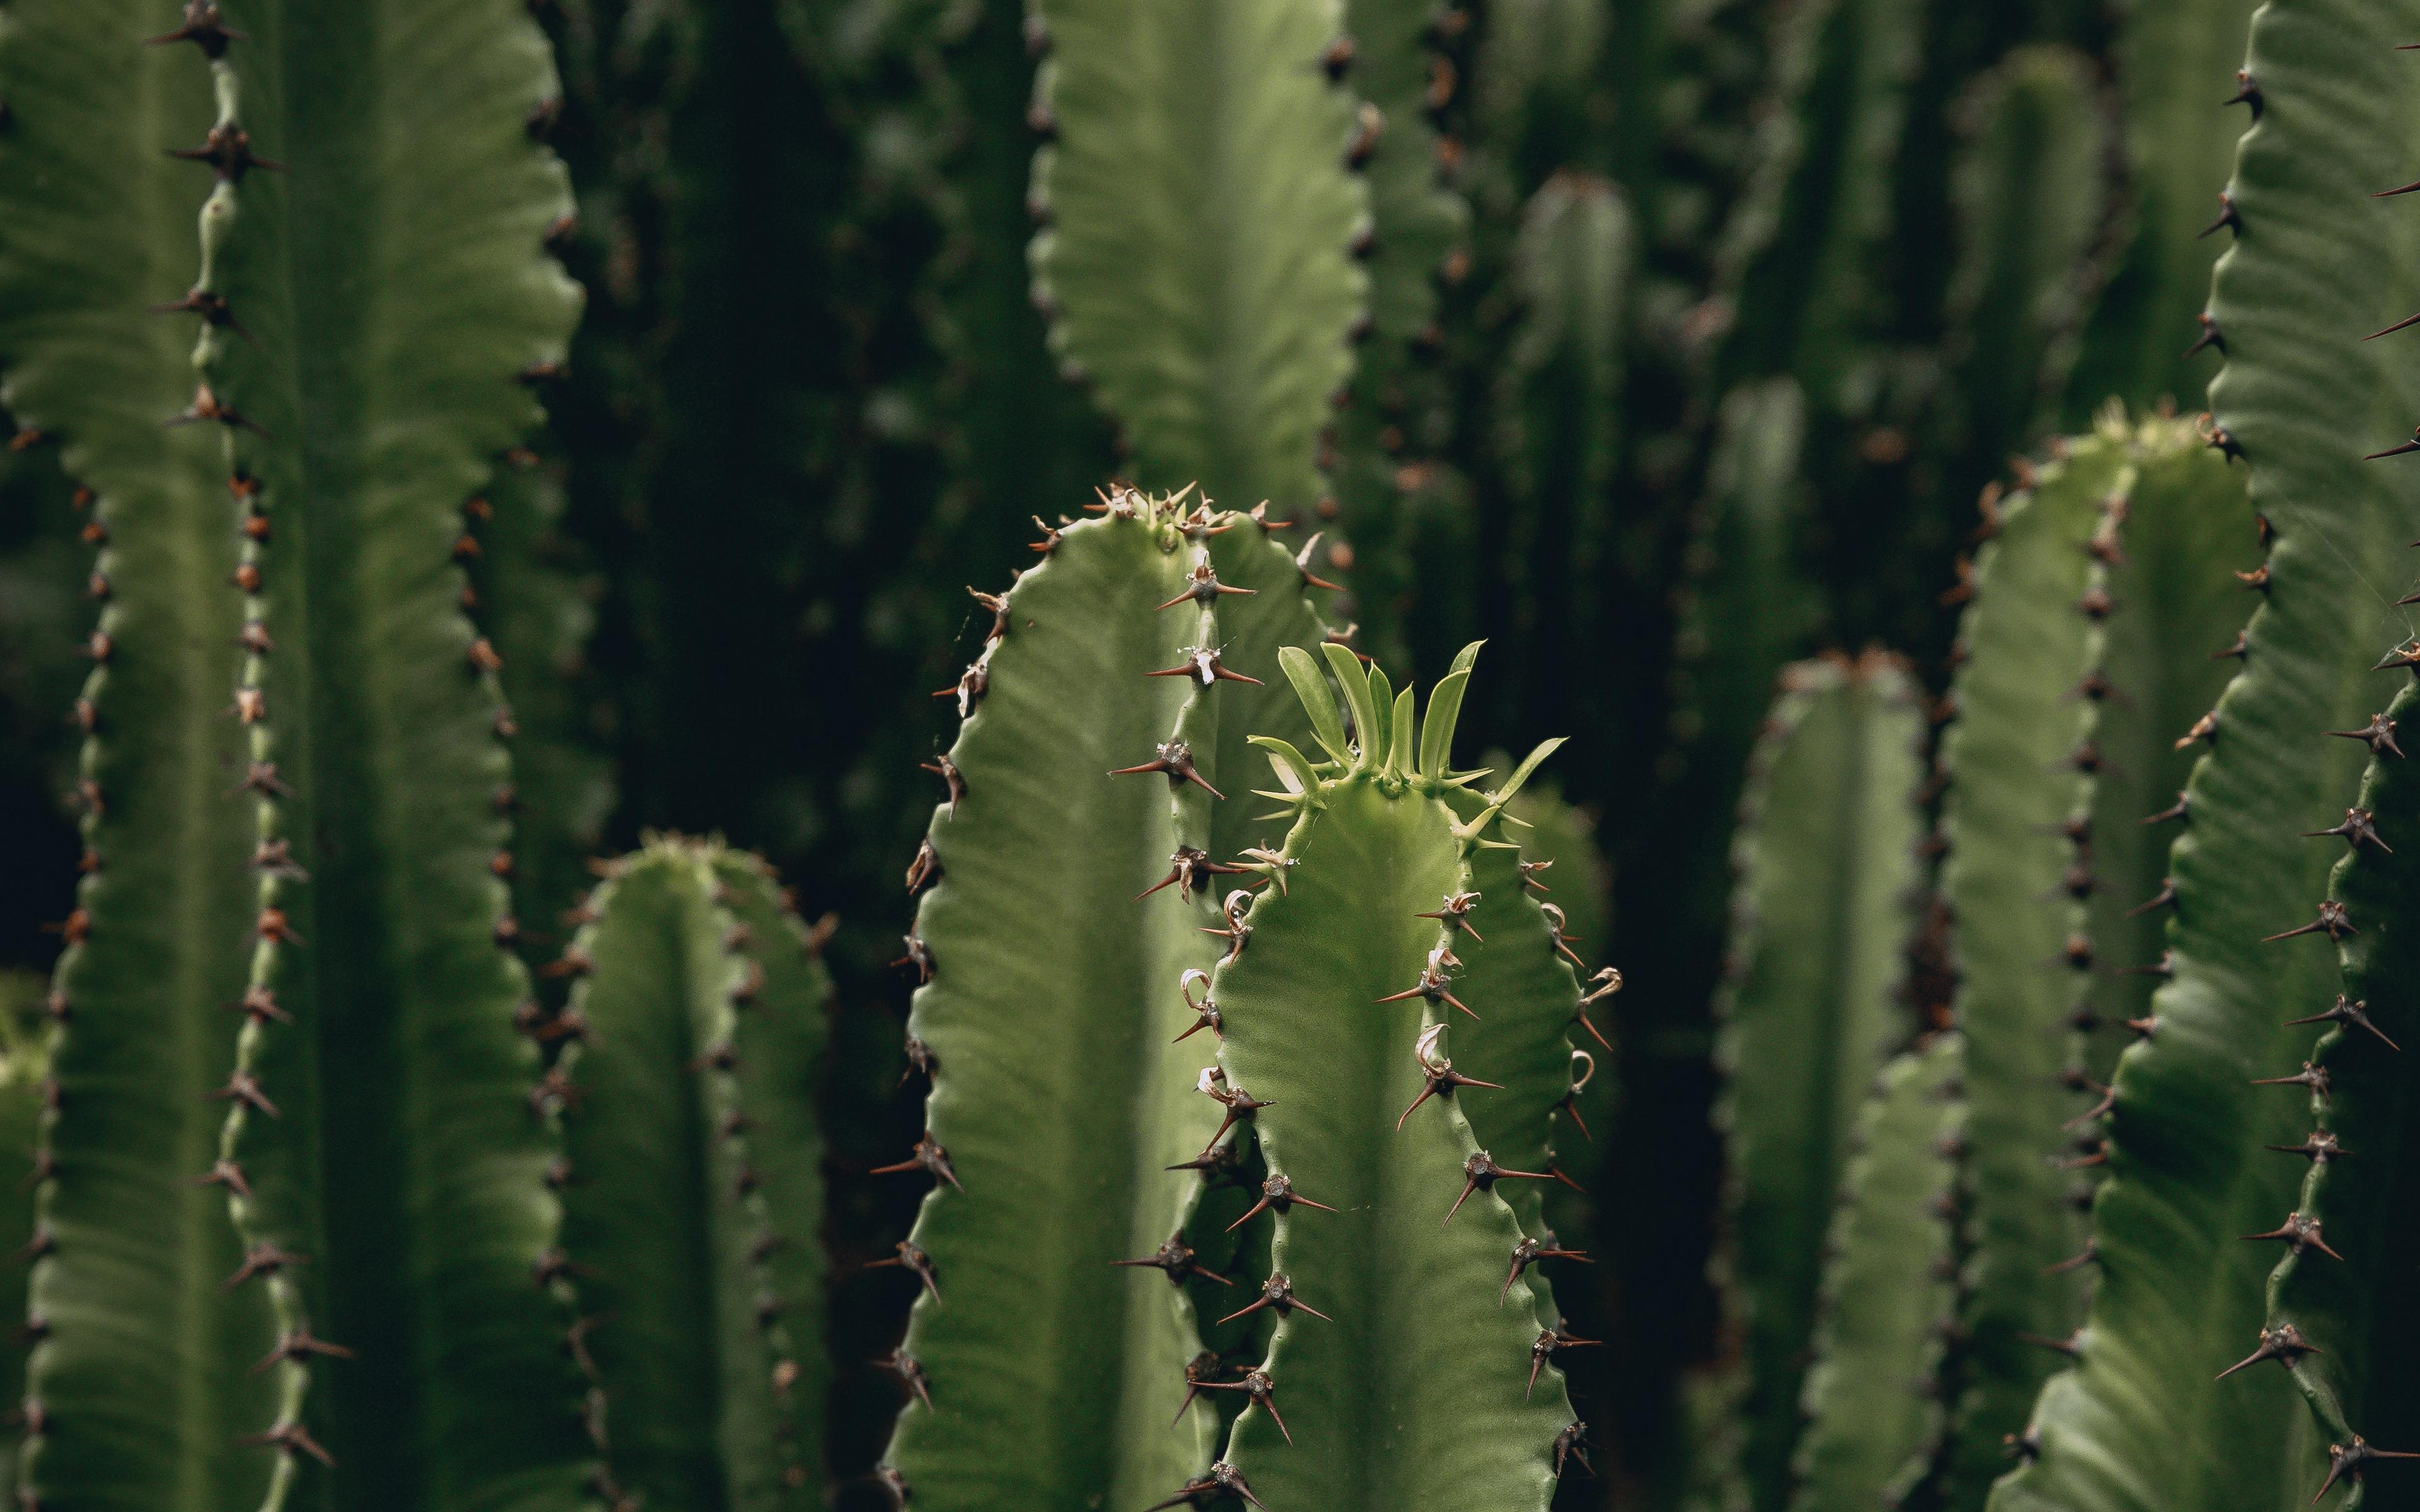 Fondos de pantalla Muchos cactus con espinas